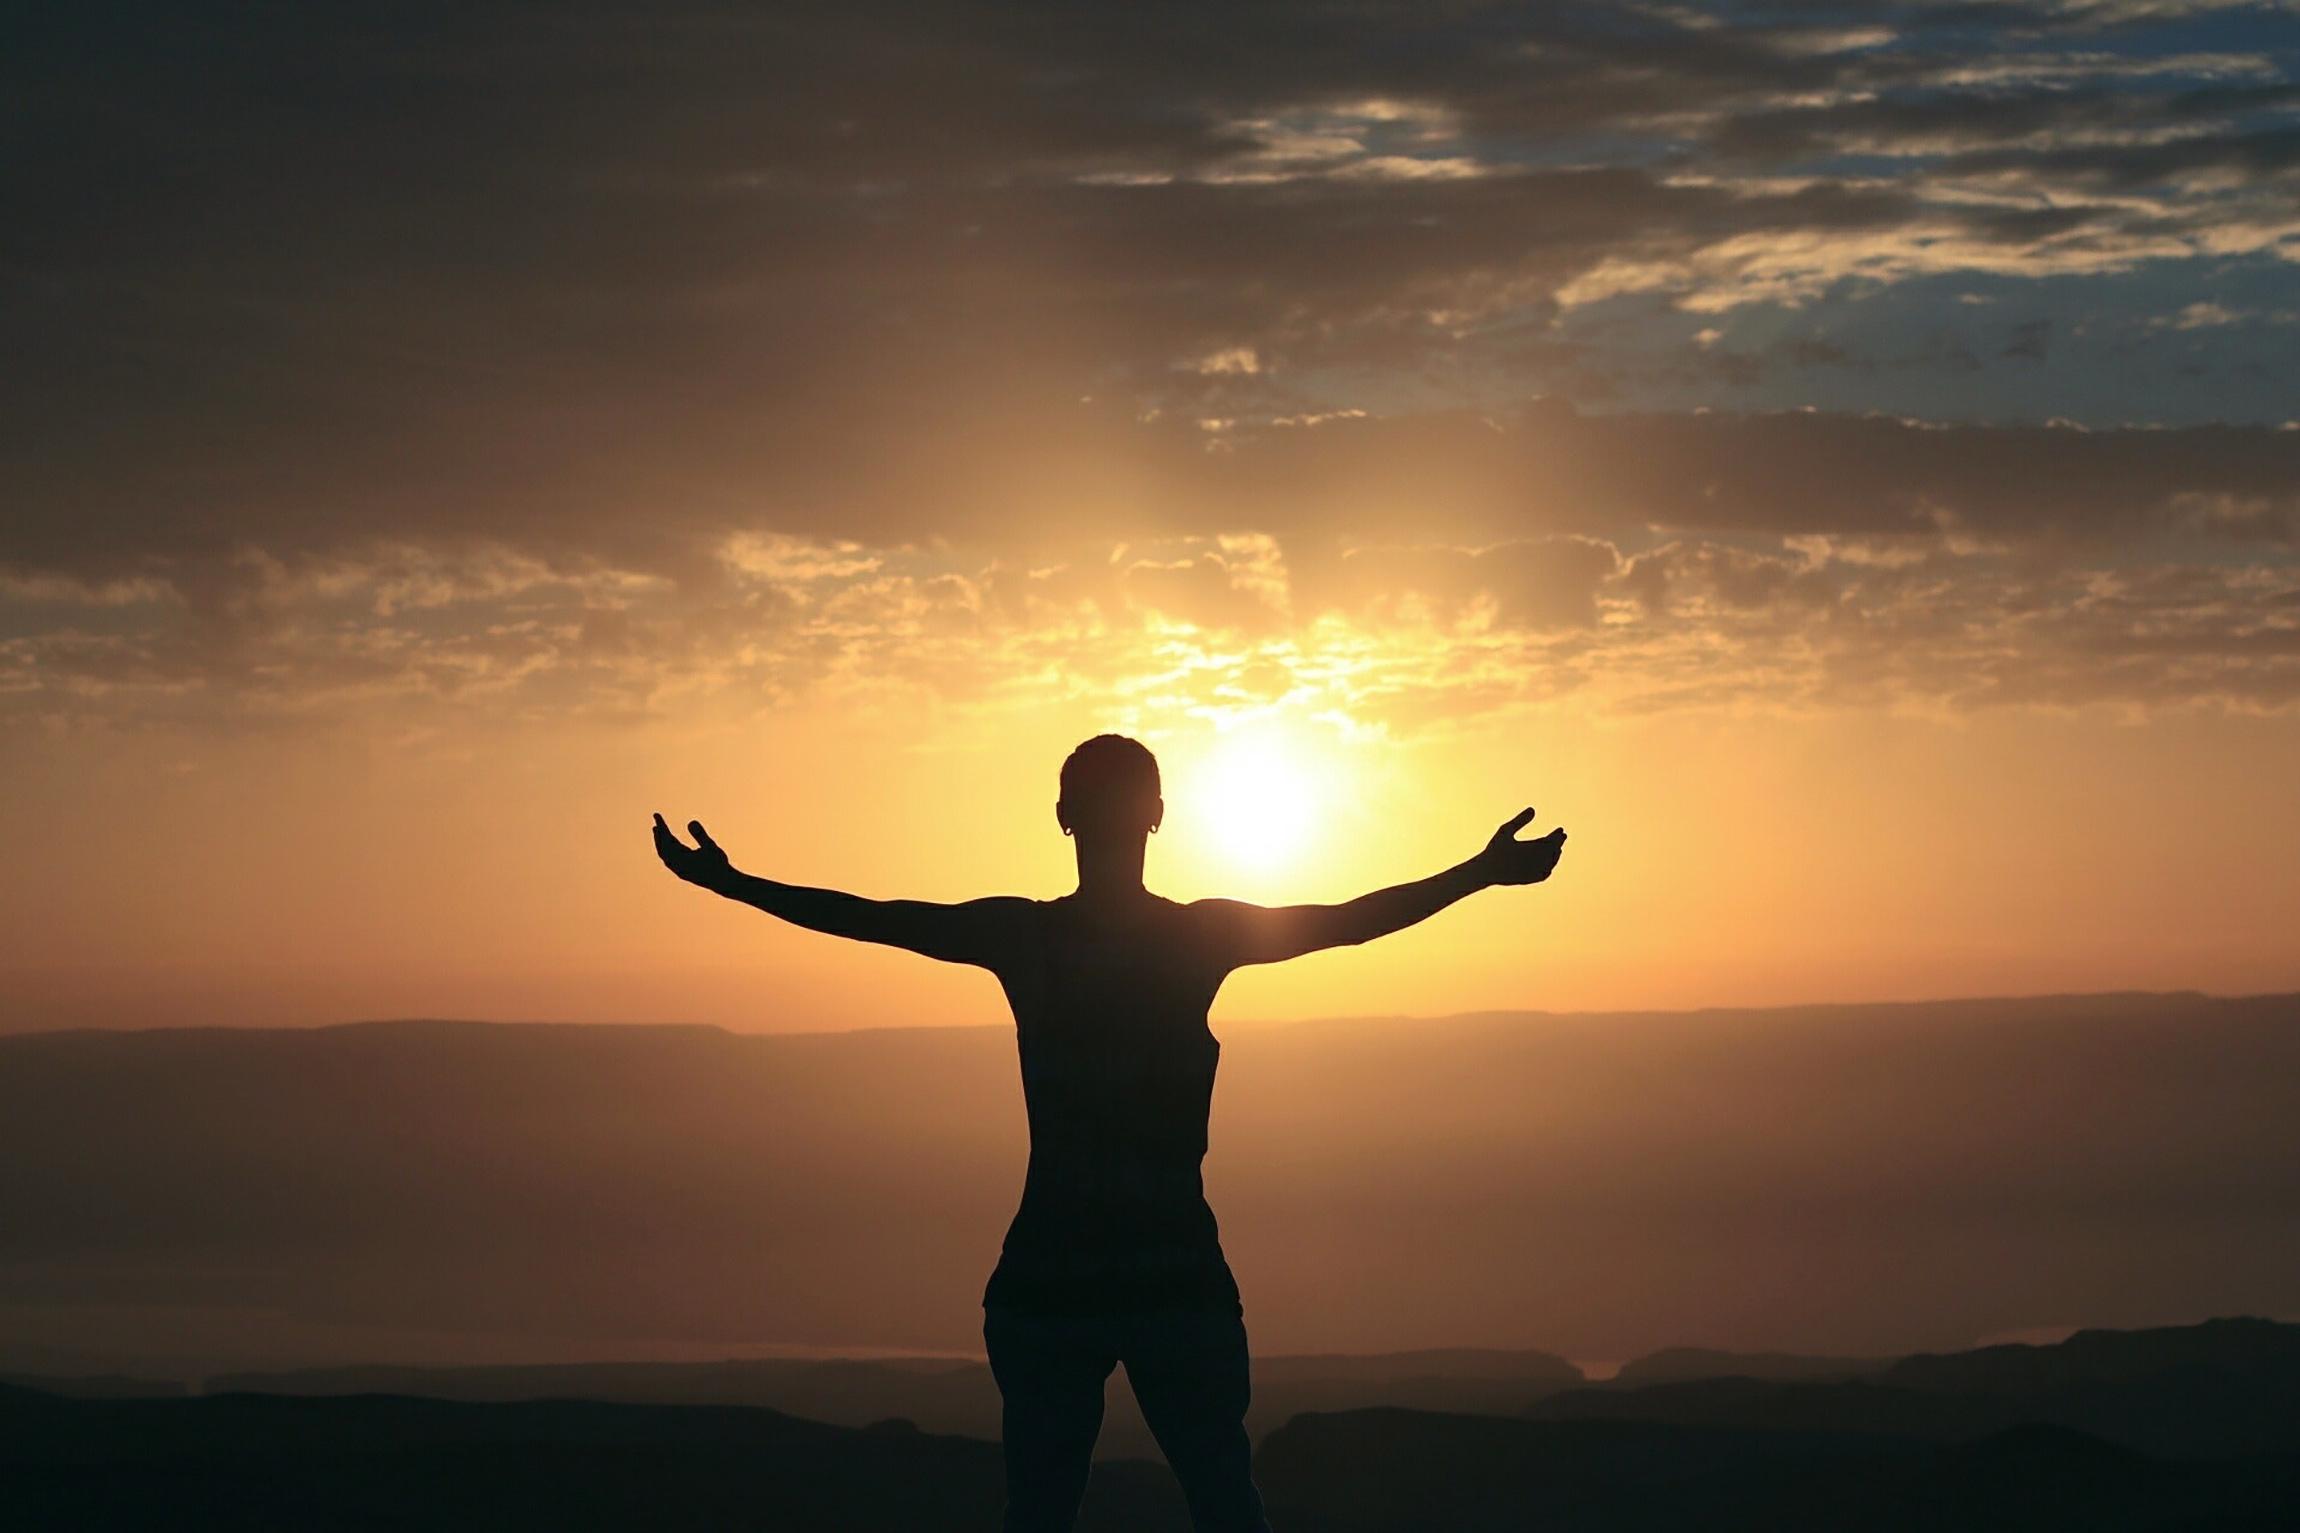 Lifting arms toward sunset